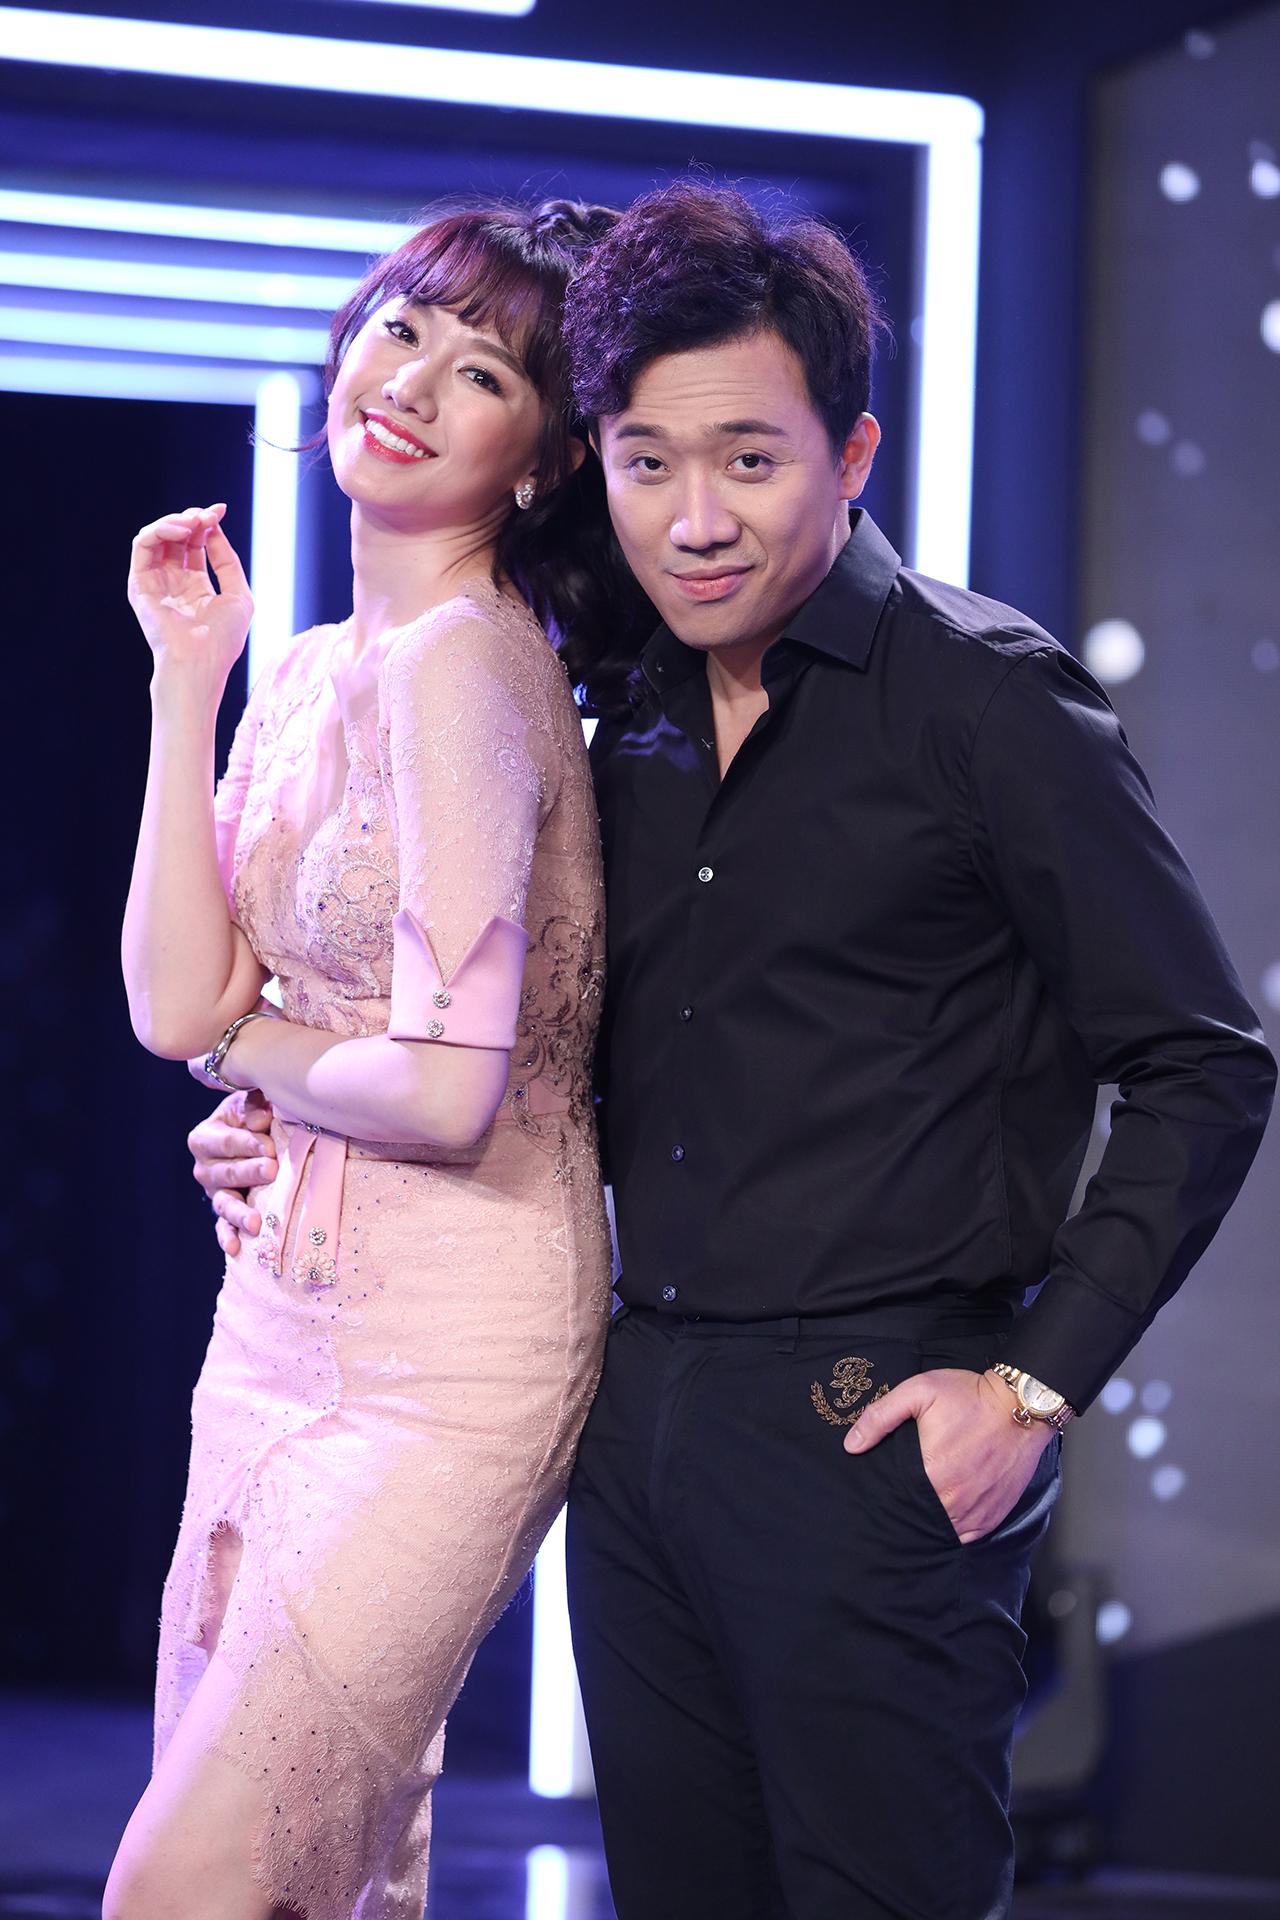 Hari Won - Trấn Thành lại bóc phốt nhau không thương tiếc khi cùng làm MC chương trình này 1